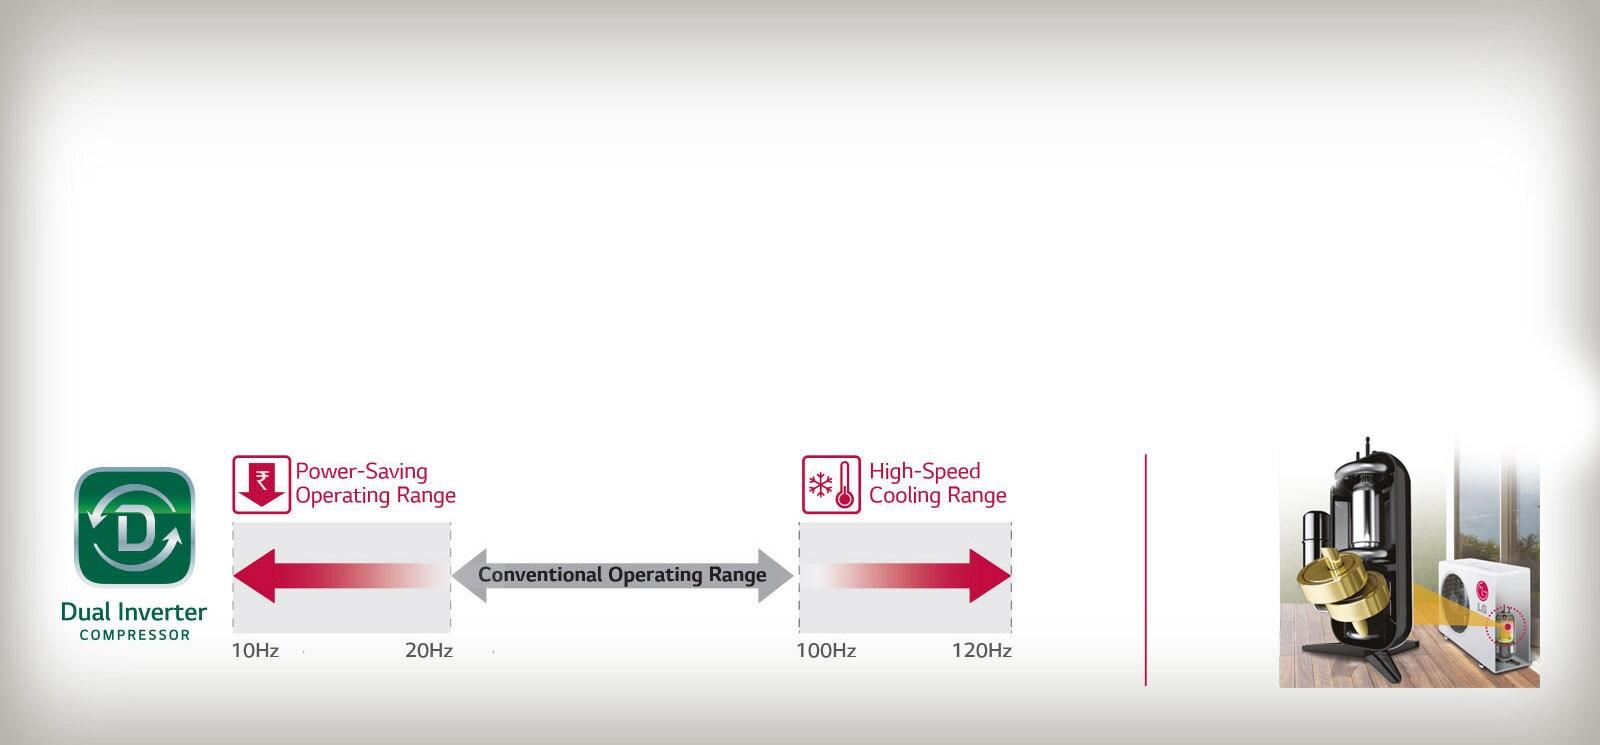 LG LS-Q12BNXD Dual Invertor Compressor